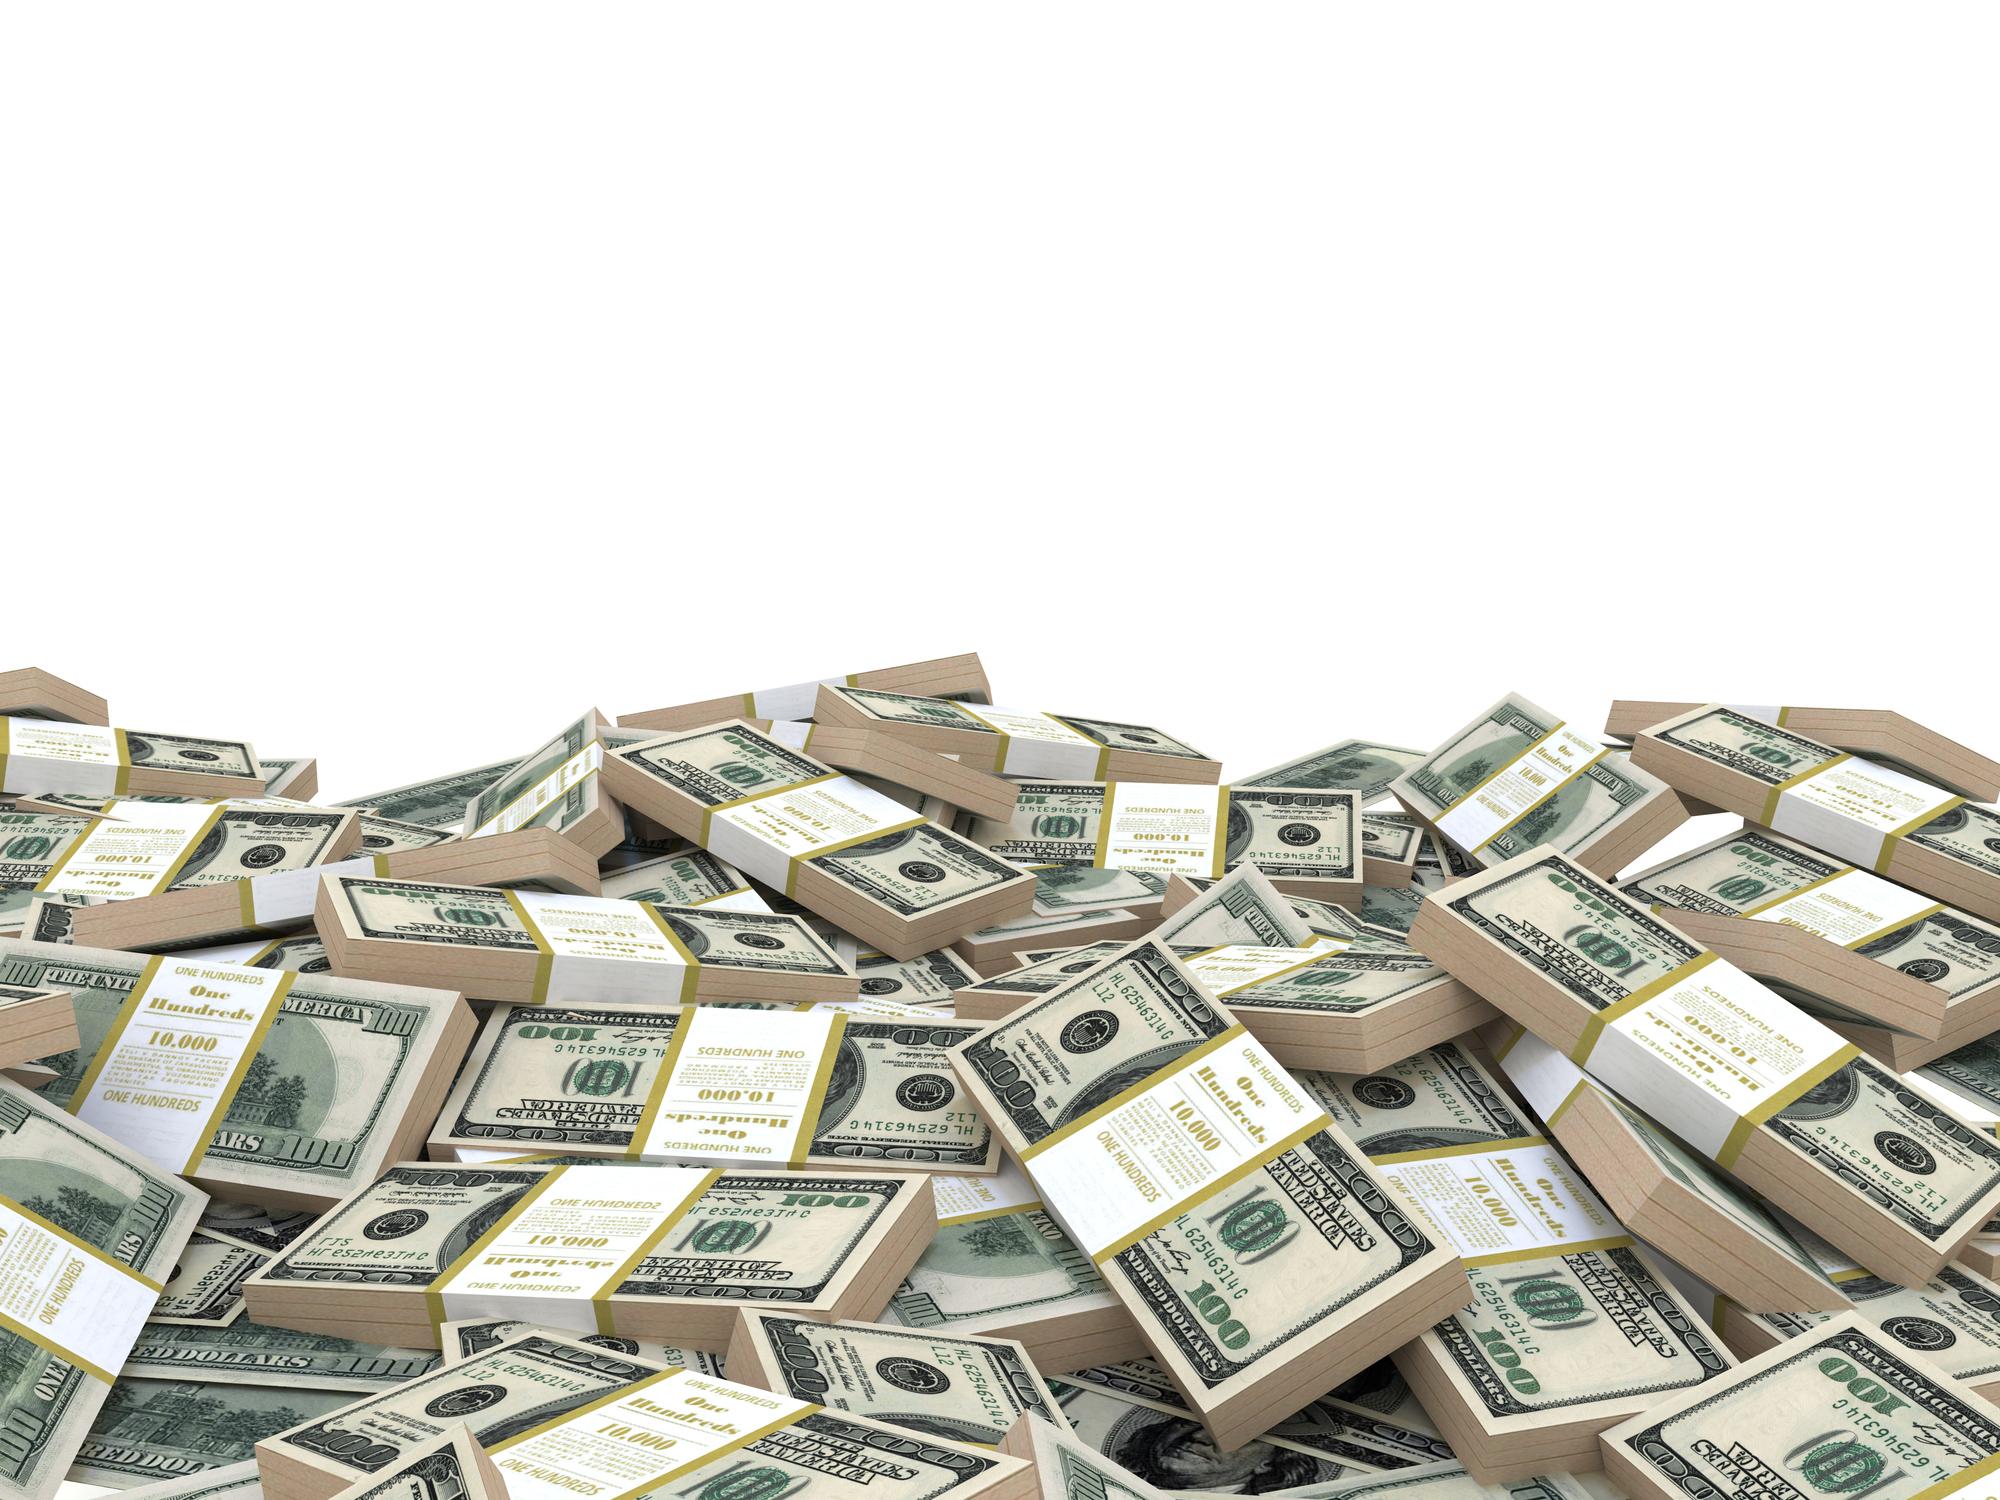 A pile of banded hundred-dollar bills.